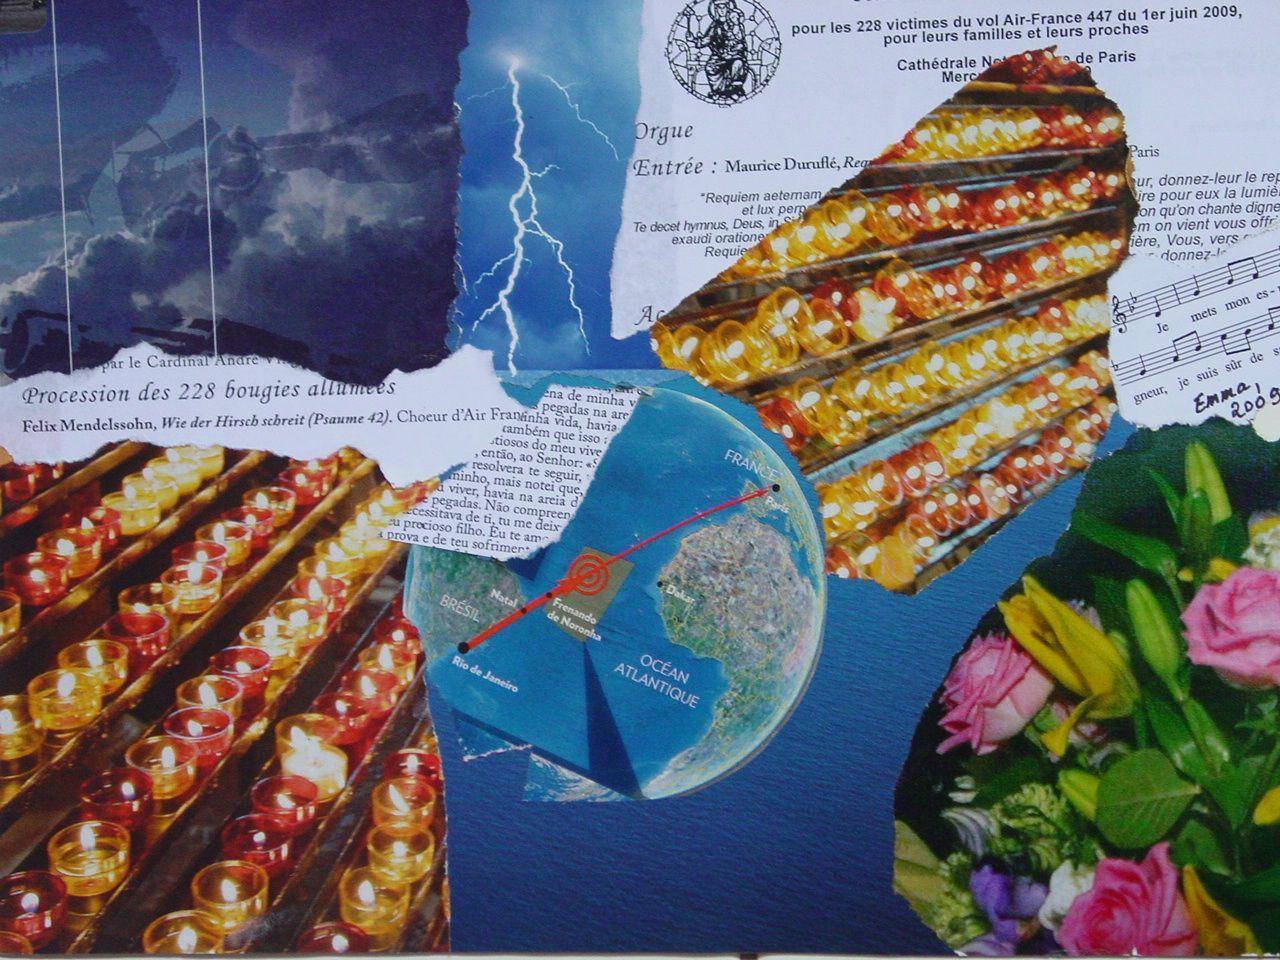 """Les Collages d'eMmA MessanA, collage N°82 """"Les 228 bougies"""", pièce unique © eMmA MessanA"""